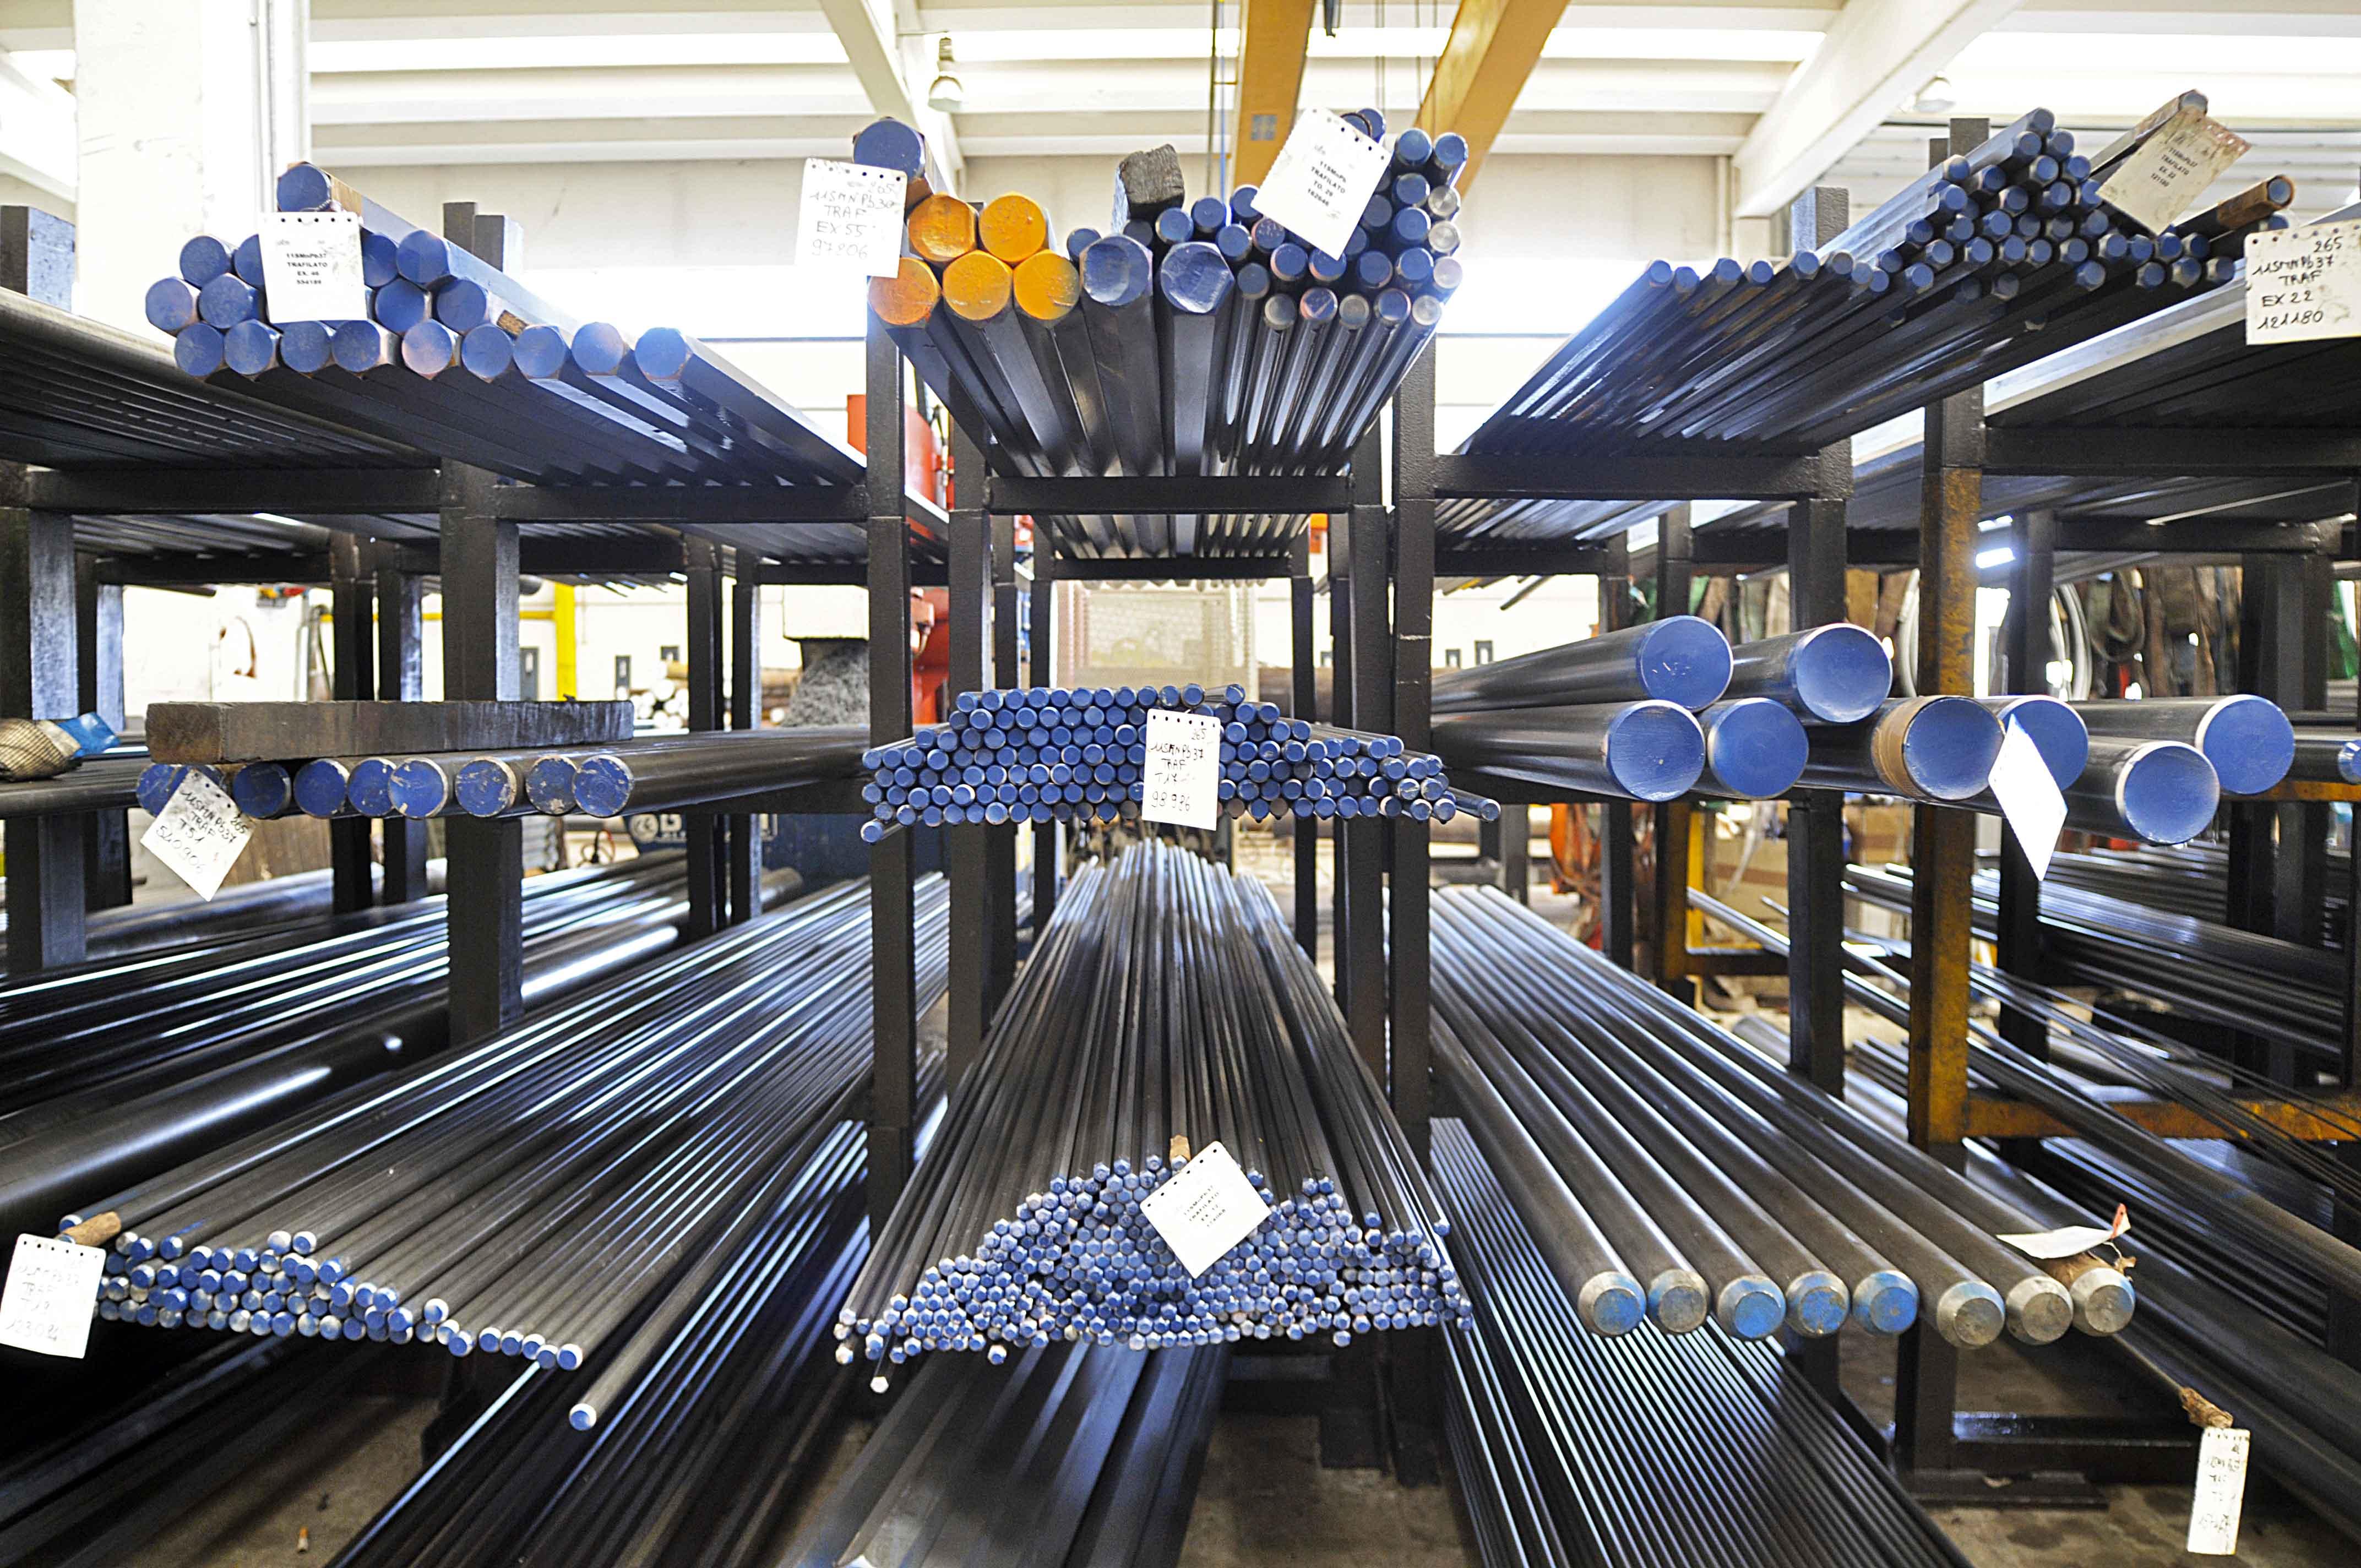 tagli-acciai-interno-centro-siderurgico-3